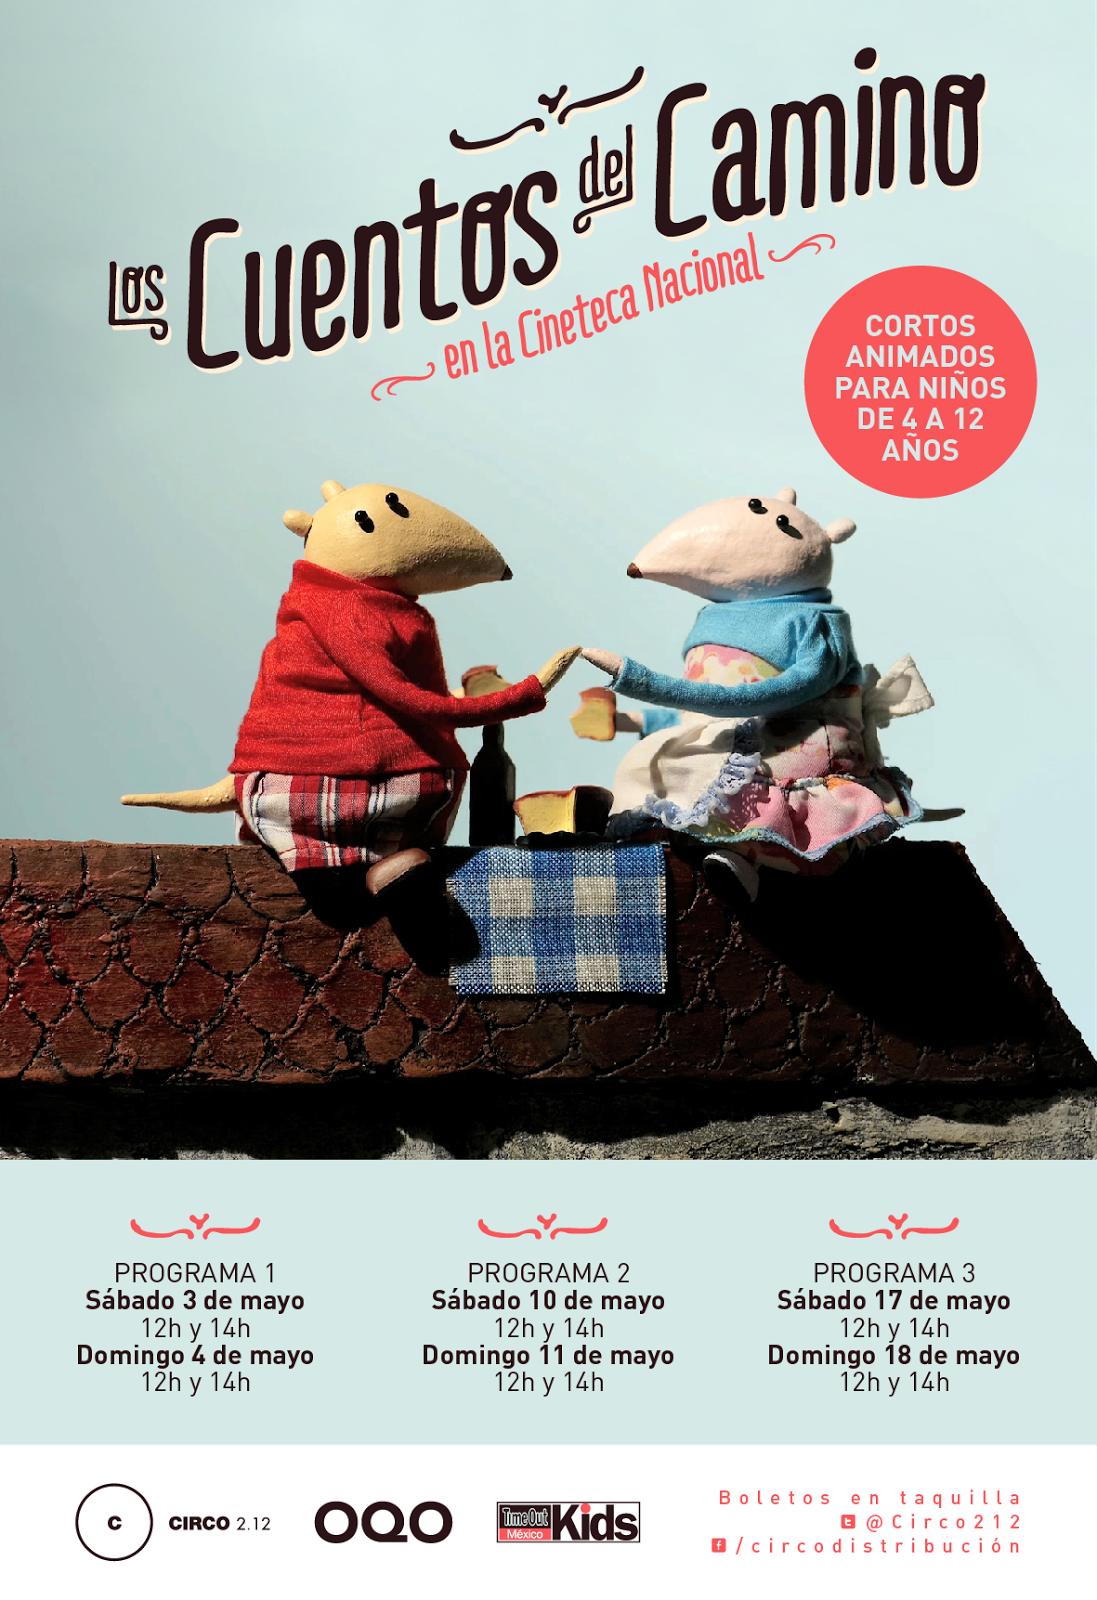 """Cortos animados para niños """"Los cuentos del camino"""" en la Cineteca Nacional"""